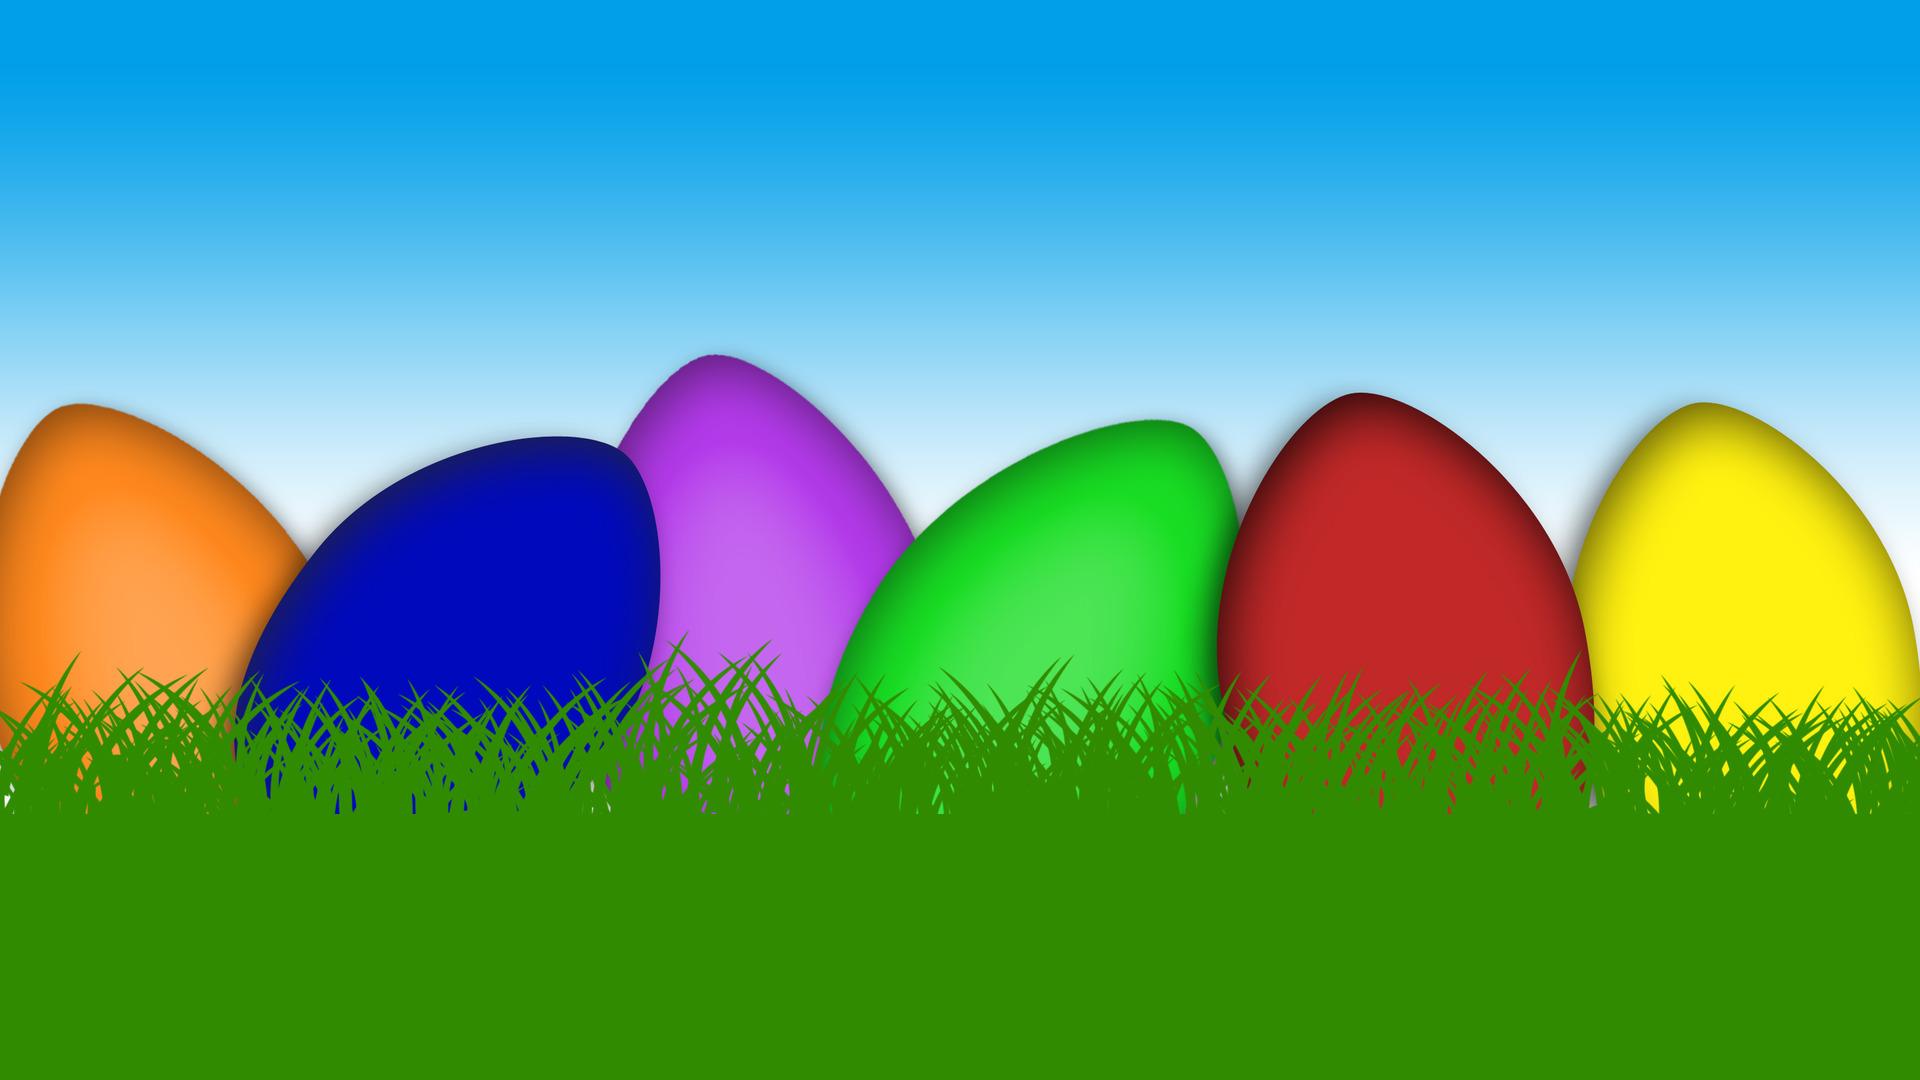 Easter eggs wallpaper 19723 1920x1080